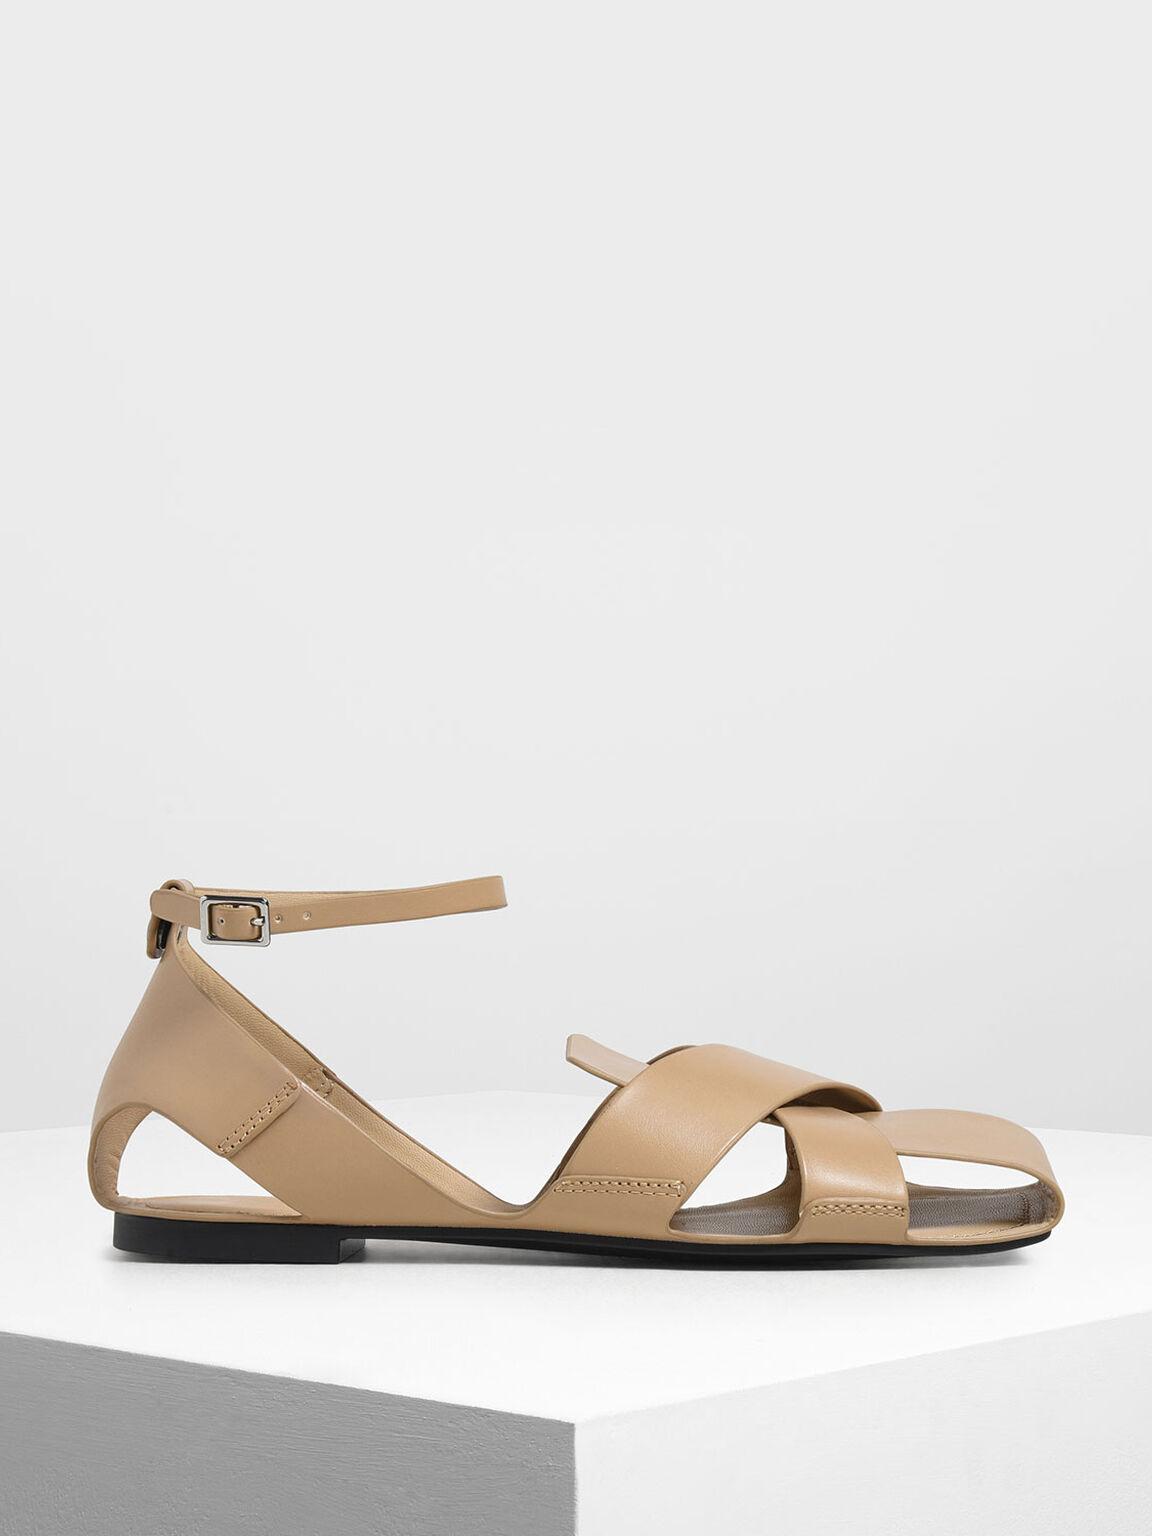 Criss Cross Peep Toe Sandals, Nude, hi-res